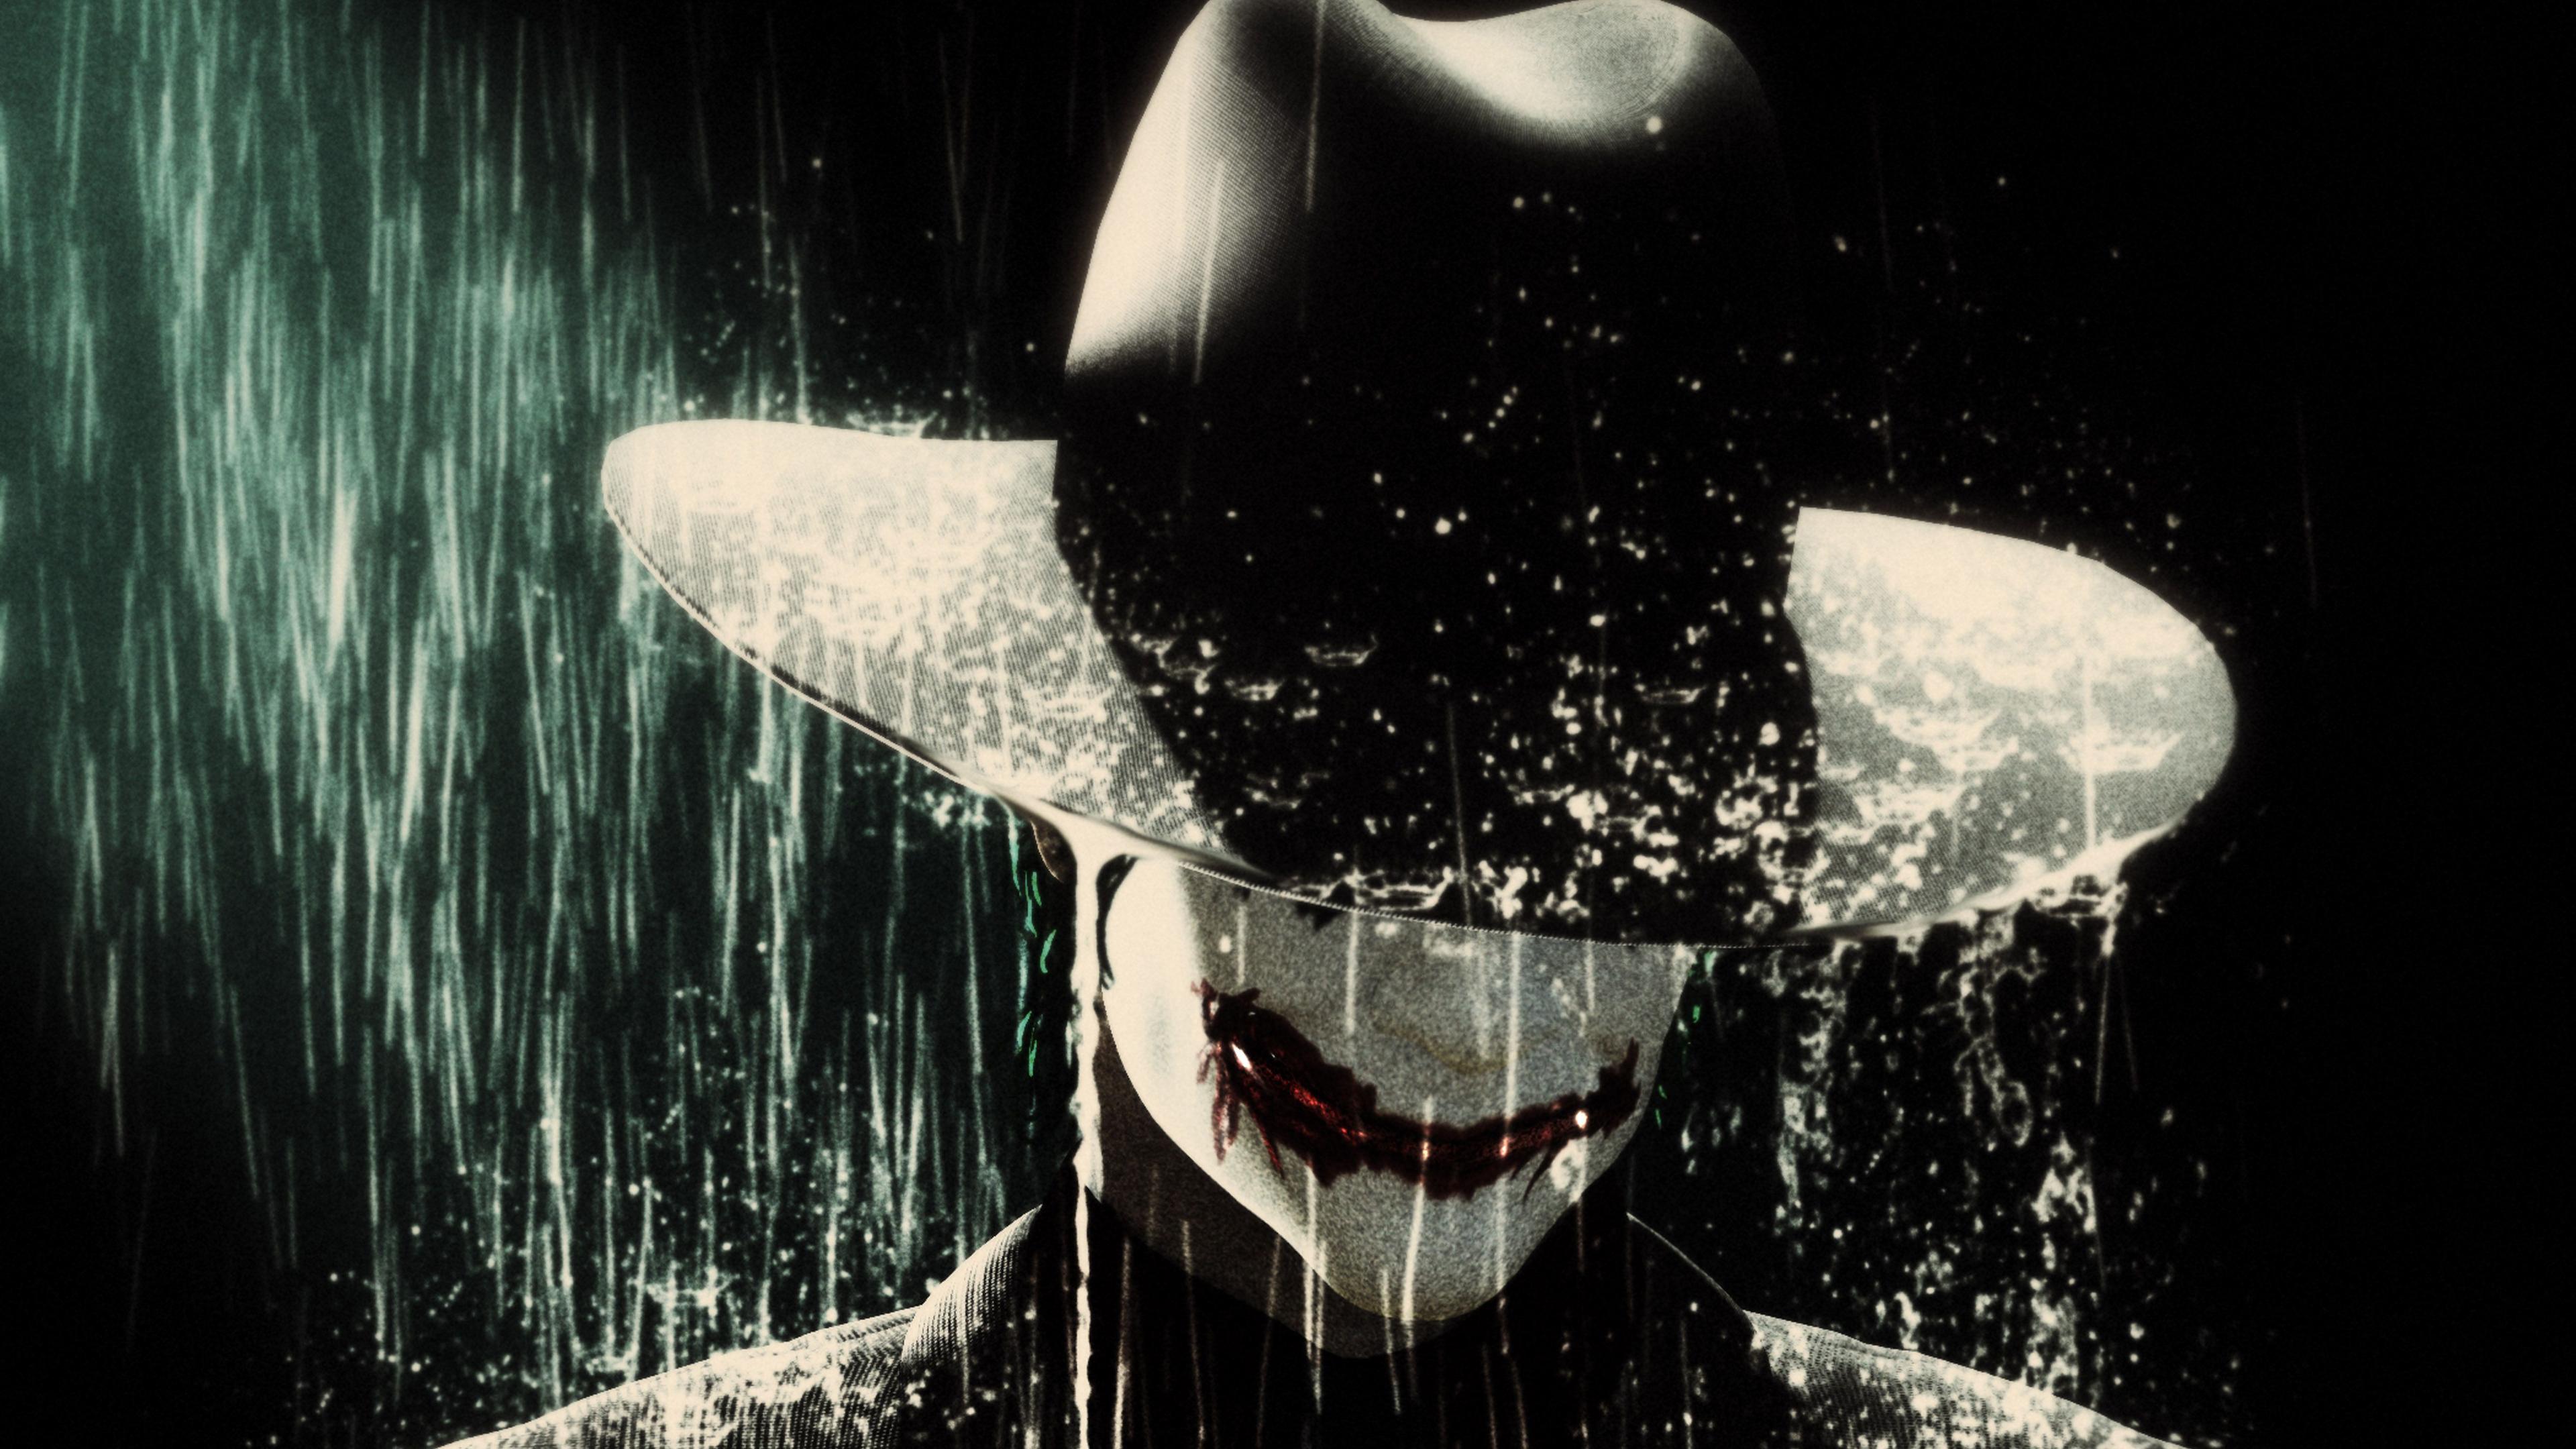 Joker In Rain Wearing Hat 4k 4k Ultra Hd Wallpaper Joker 3840x2160 Wallpaper Teahub Io